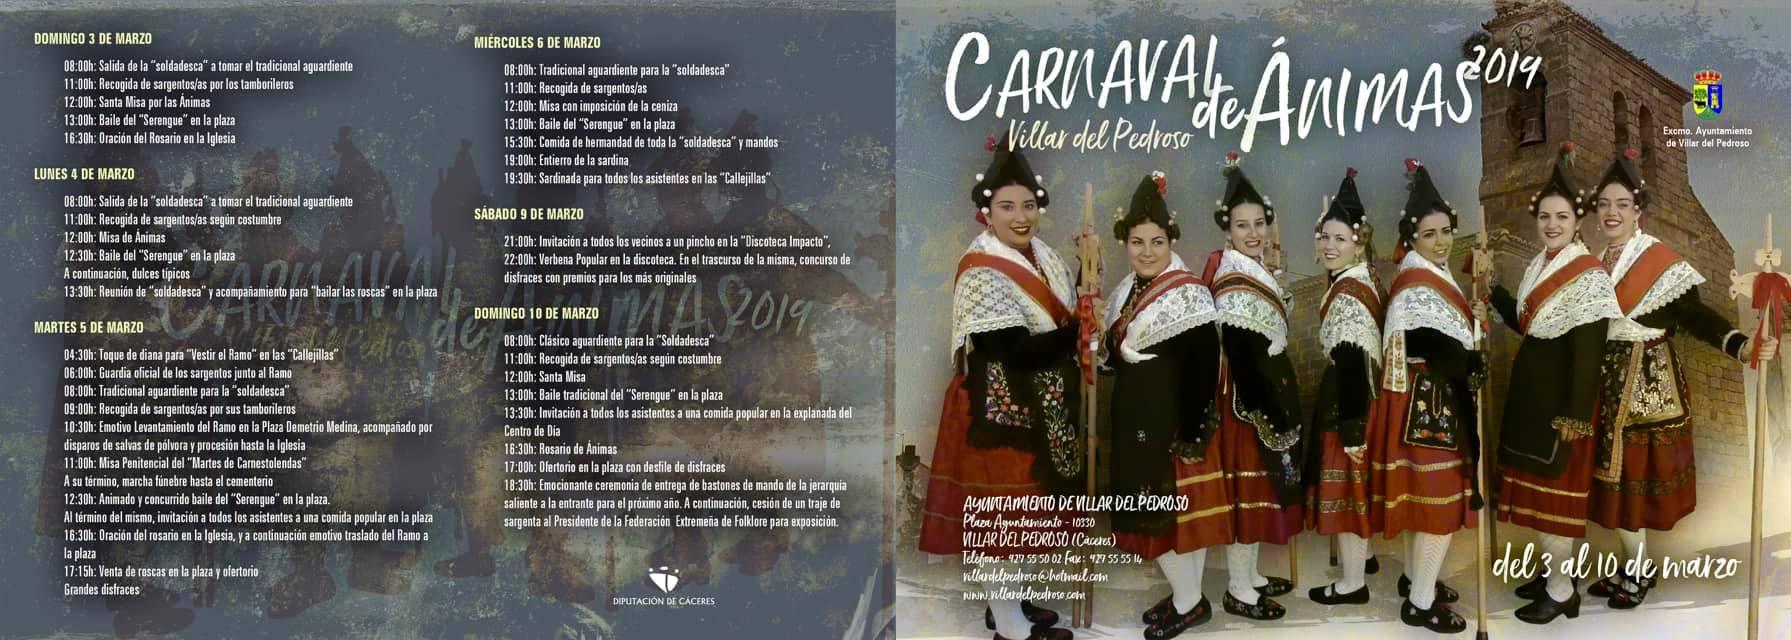 Carnaval de Ánimas 2019 2